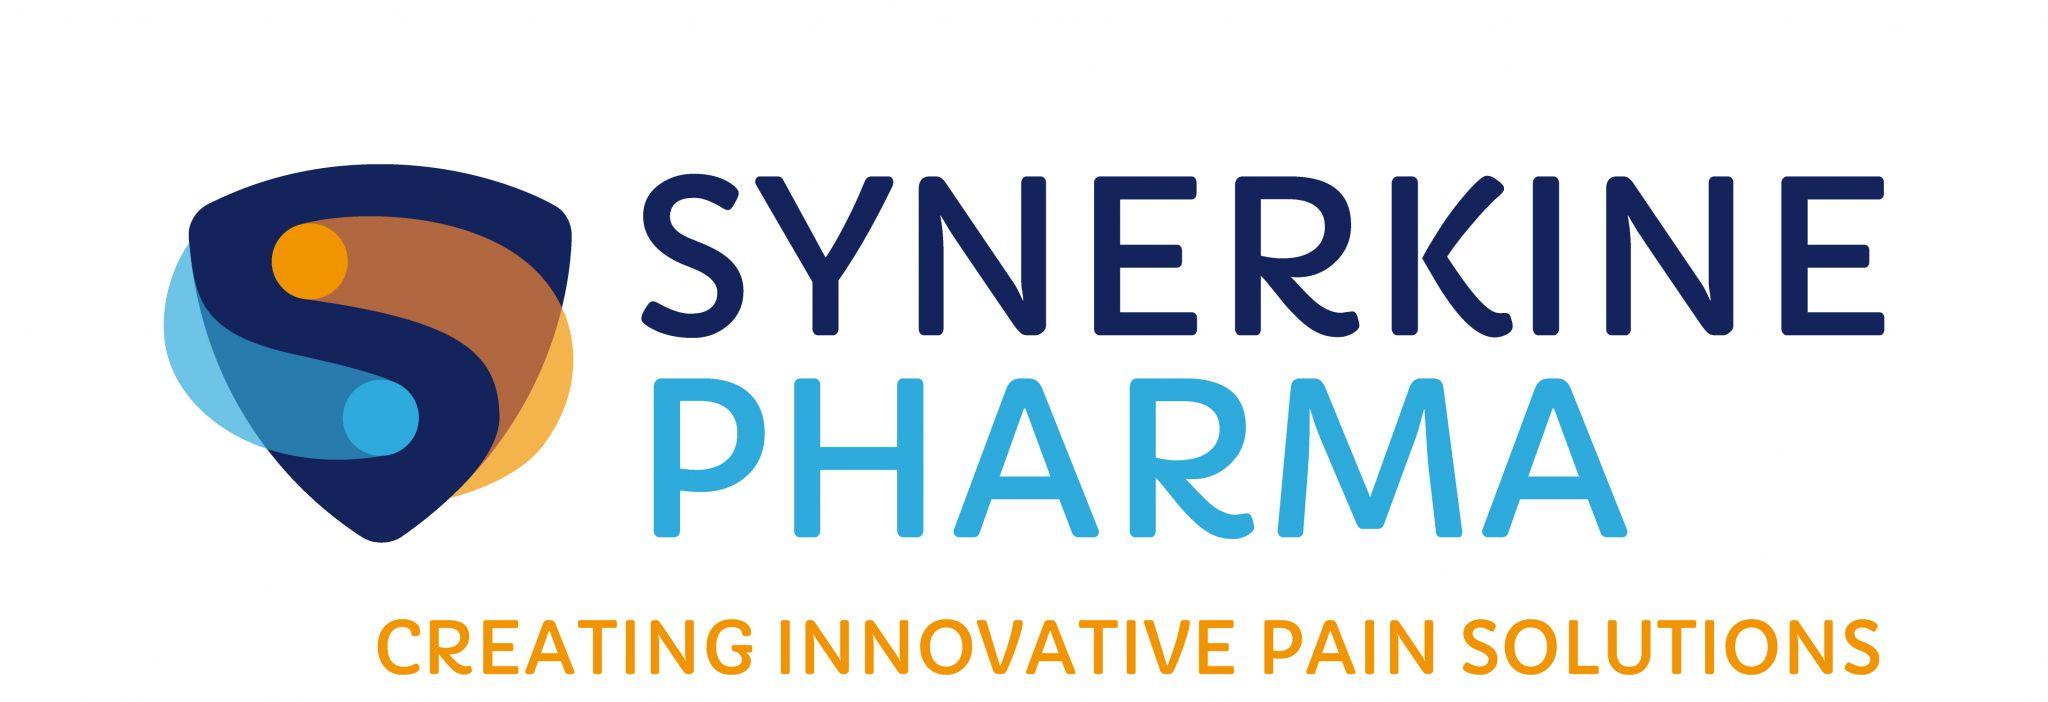 Synerkine-logo-FC-web (1)